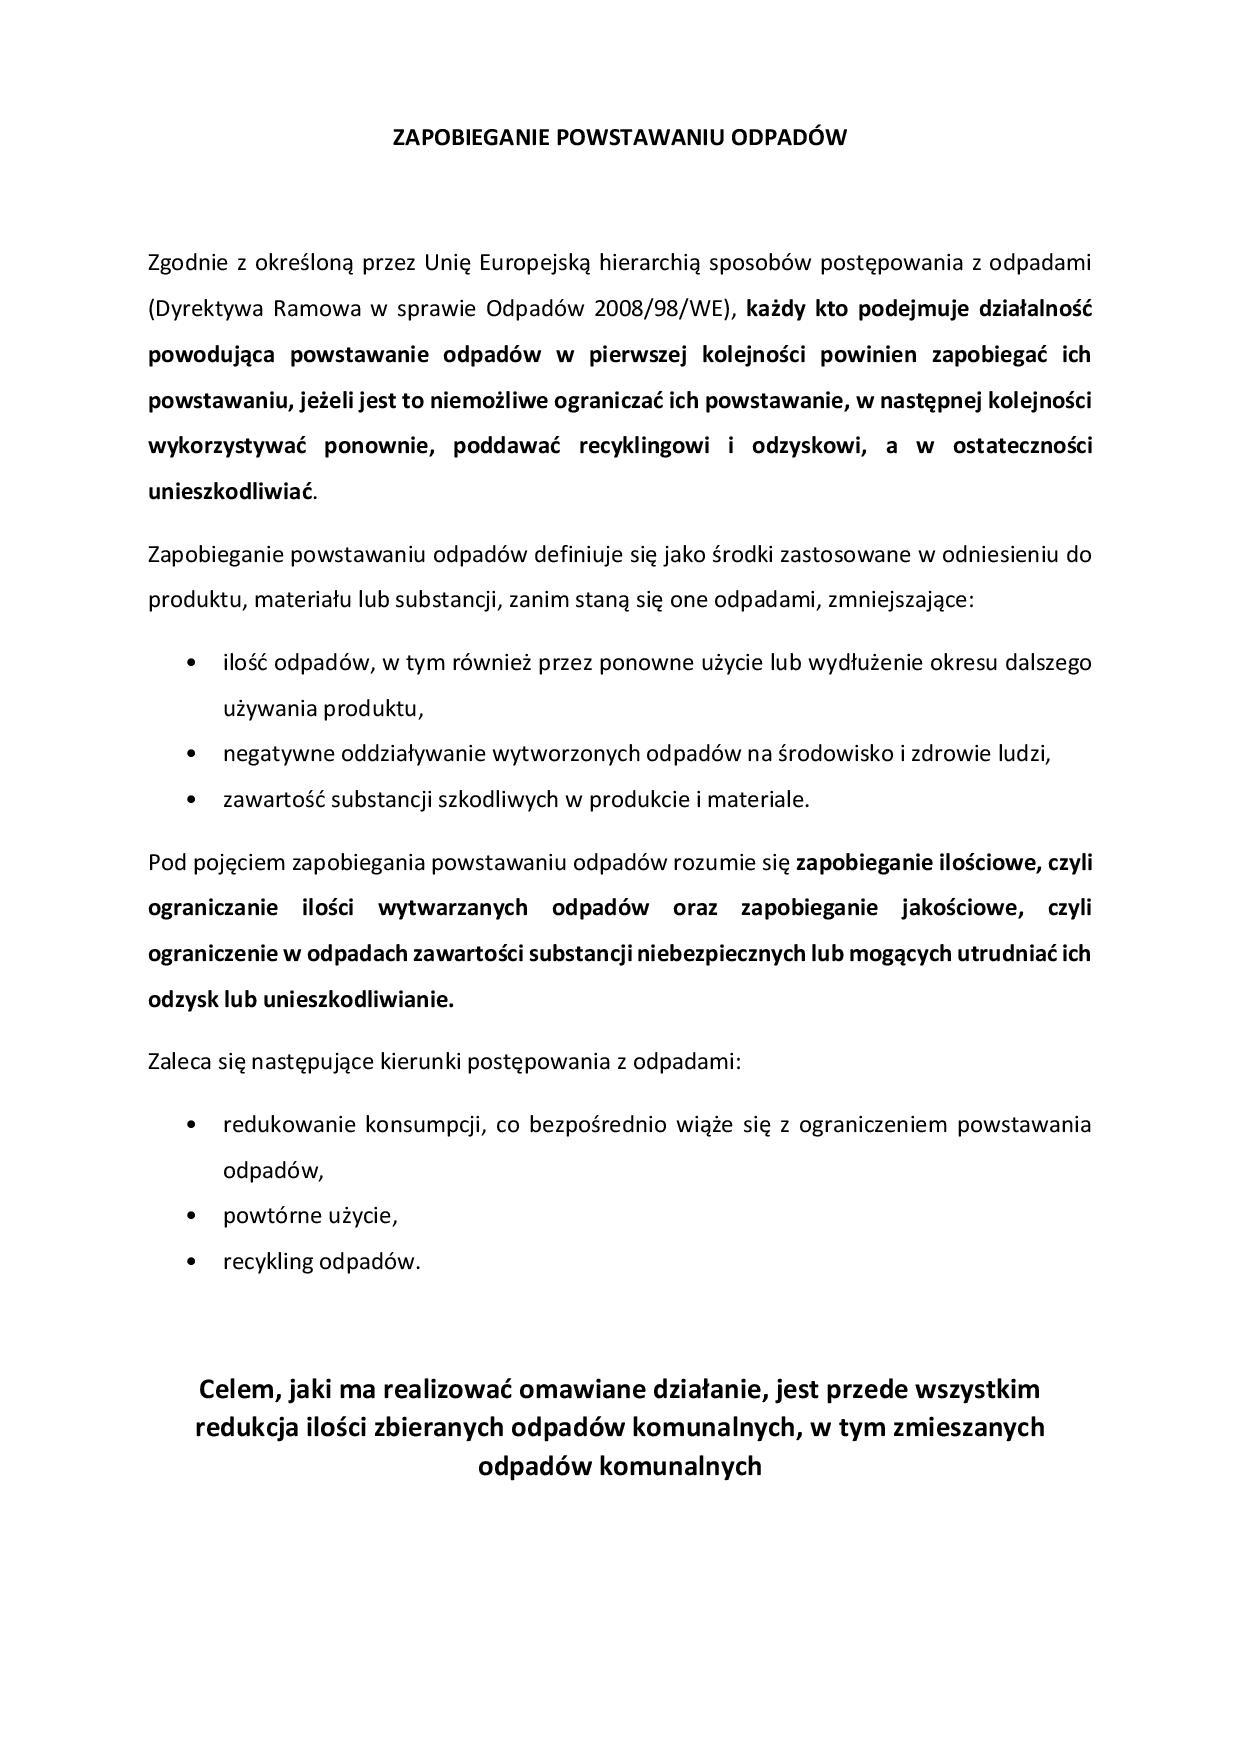 Zapobieganie Powstawaniu Odpadów-page-001